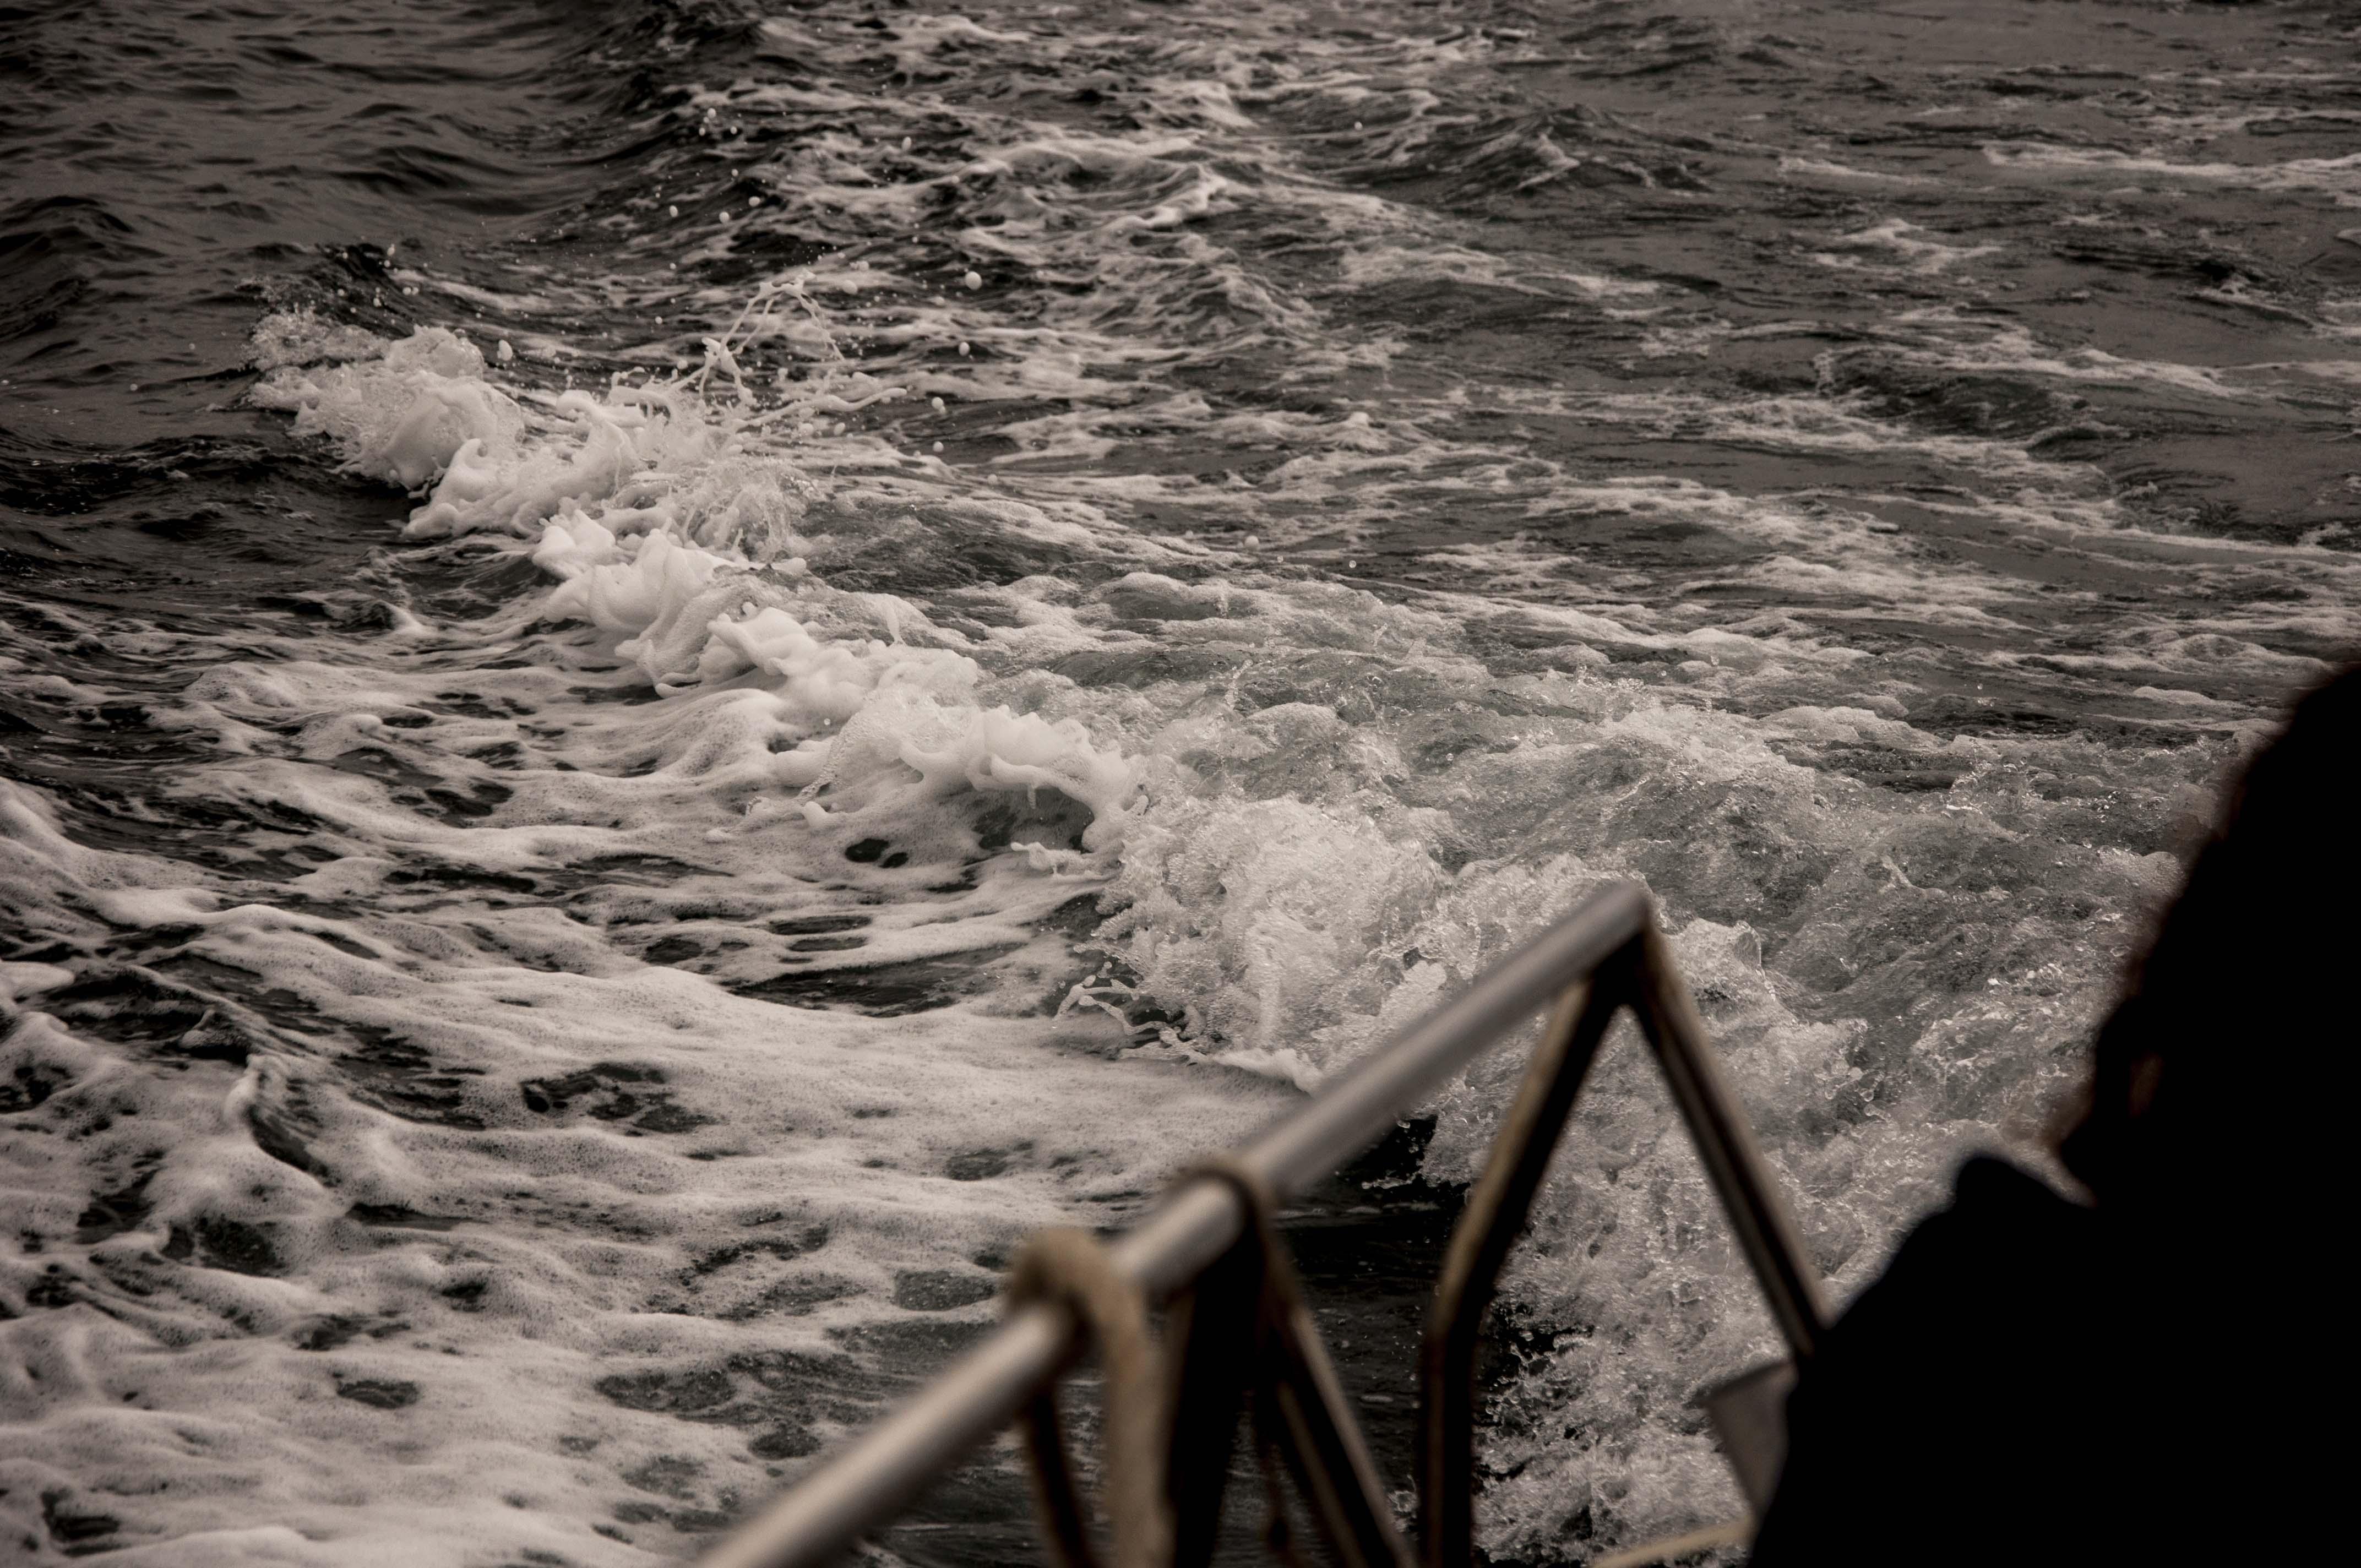 Navegando hacia uno de los  puntos de muestreo